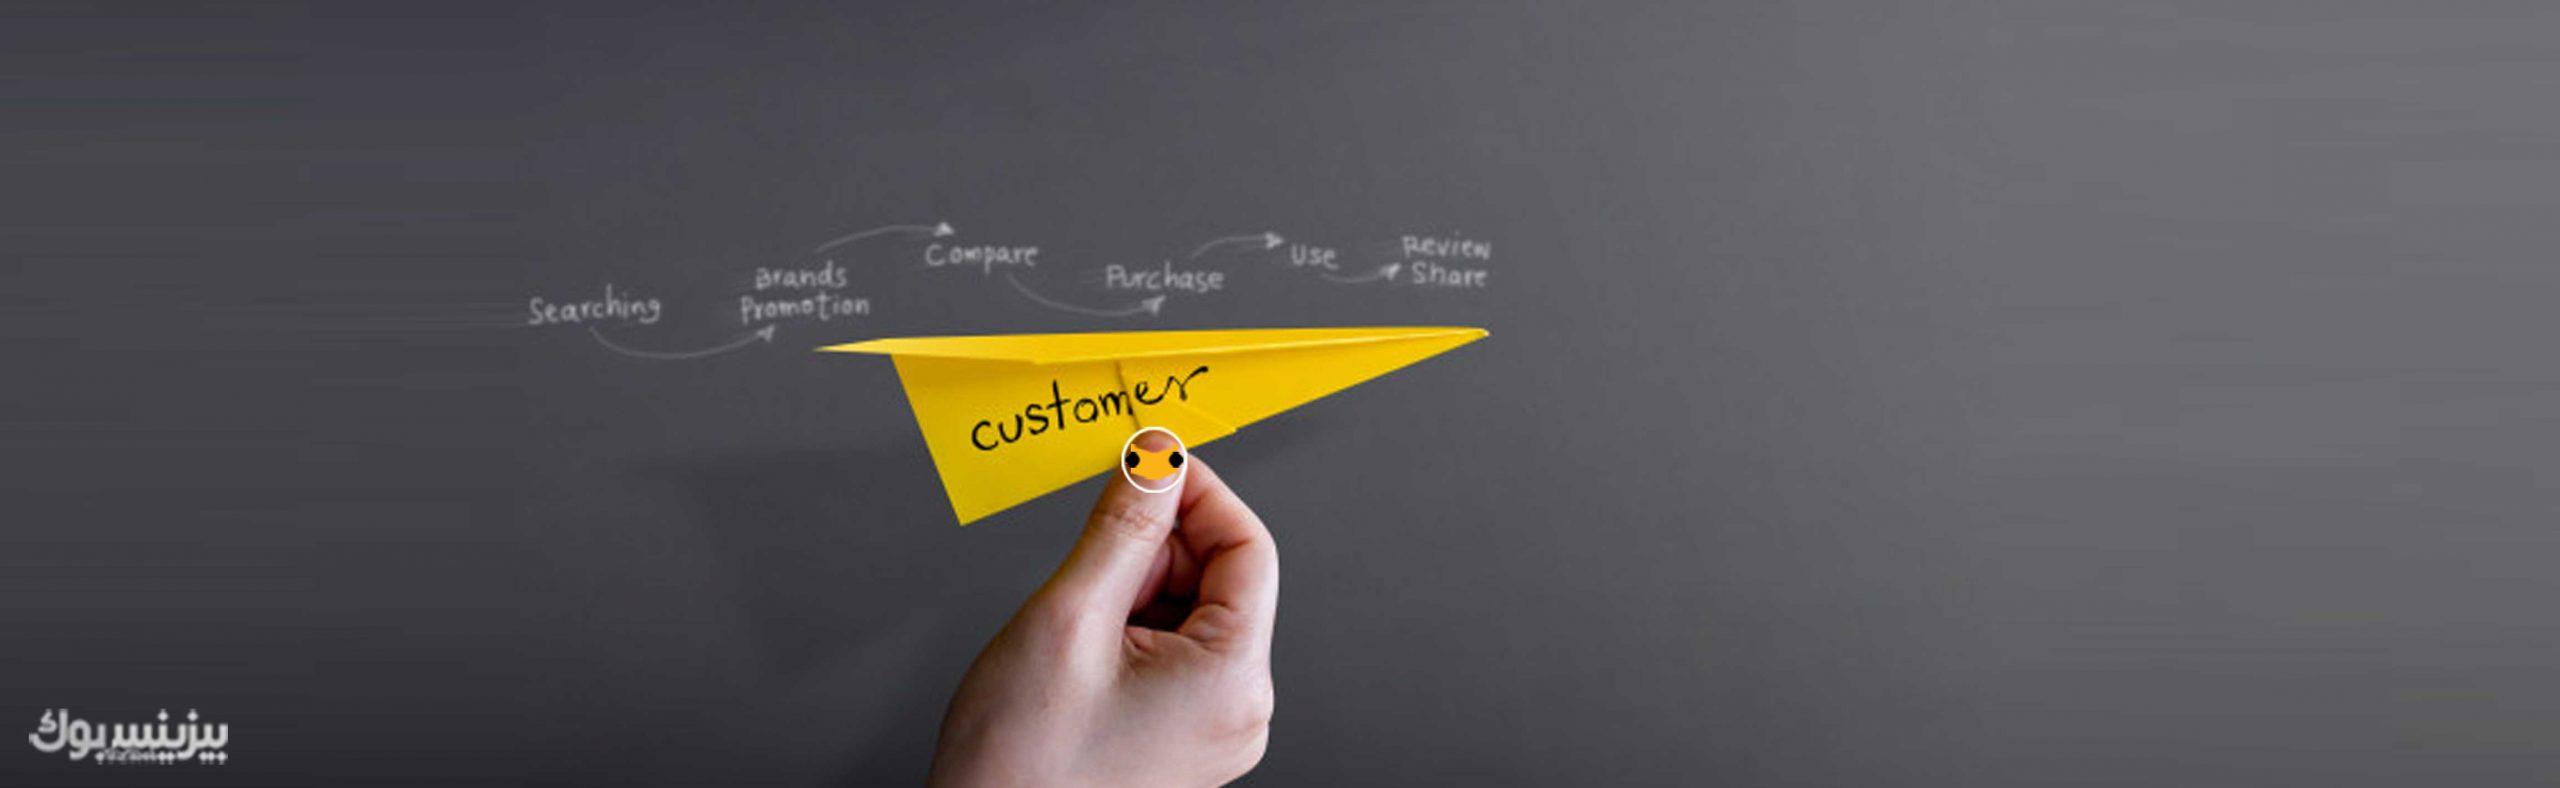 استرتاتژی بازاریابی محتوایی در عادت سازی مشتریان